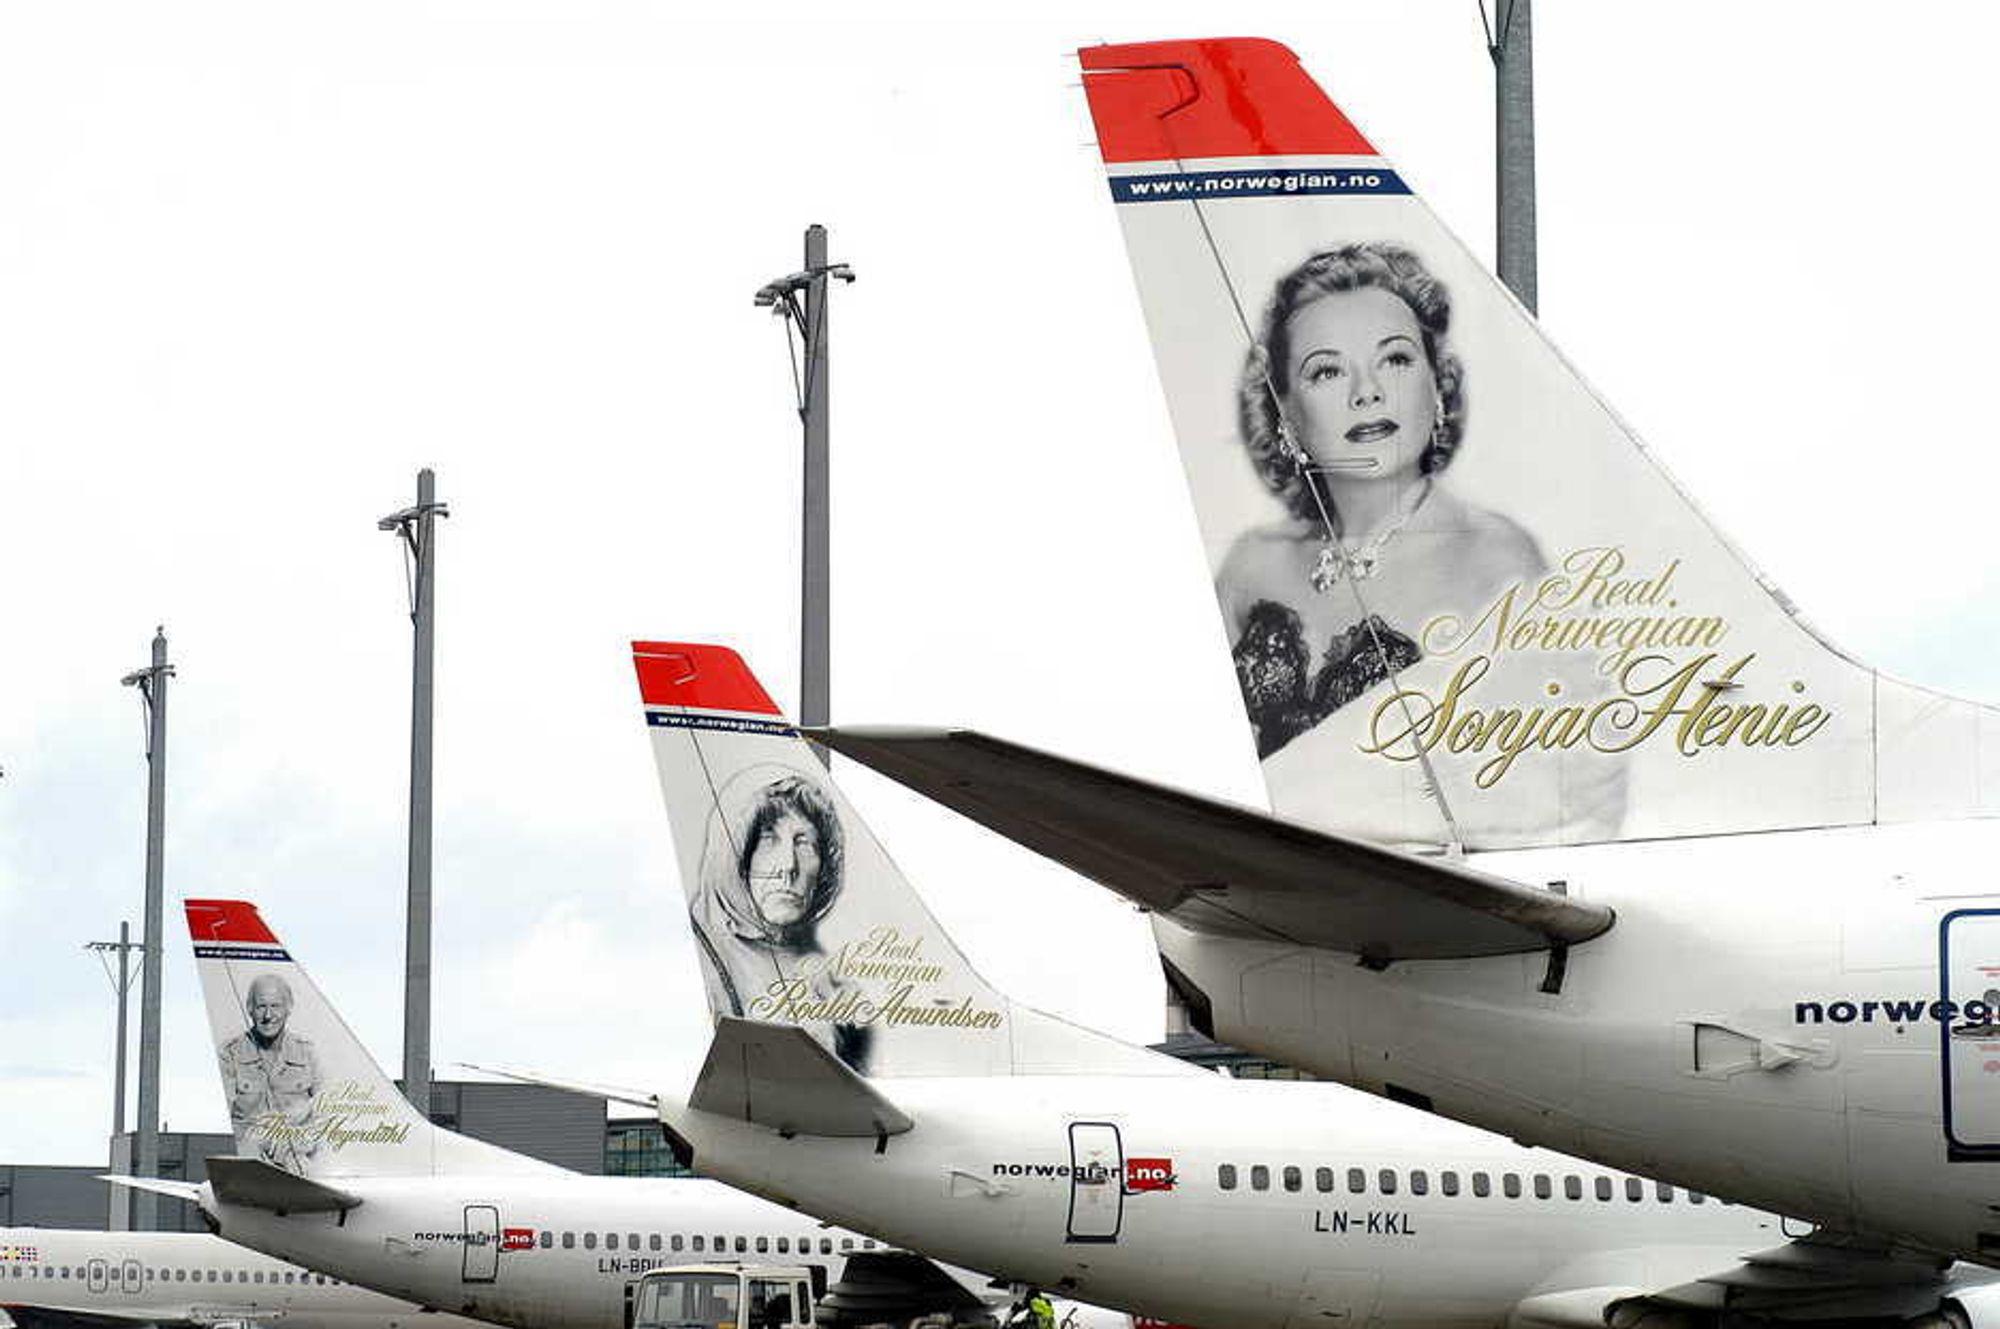 18 Norwegian-fly er tatt ut av trafikk i dag som følge av at en flytekniker mangler nødvendig godkjenning.